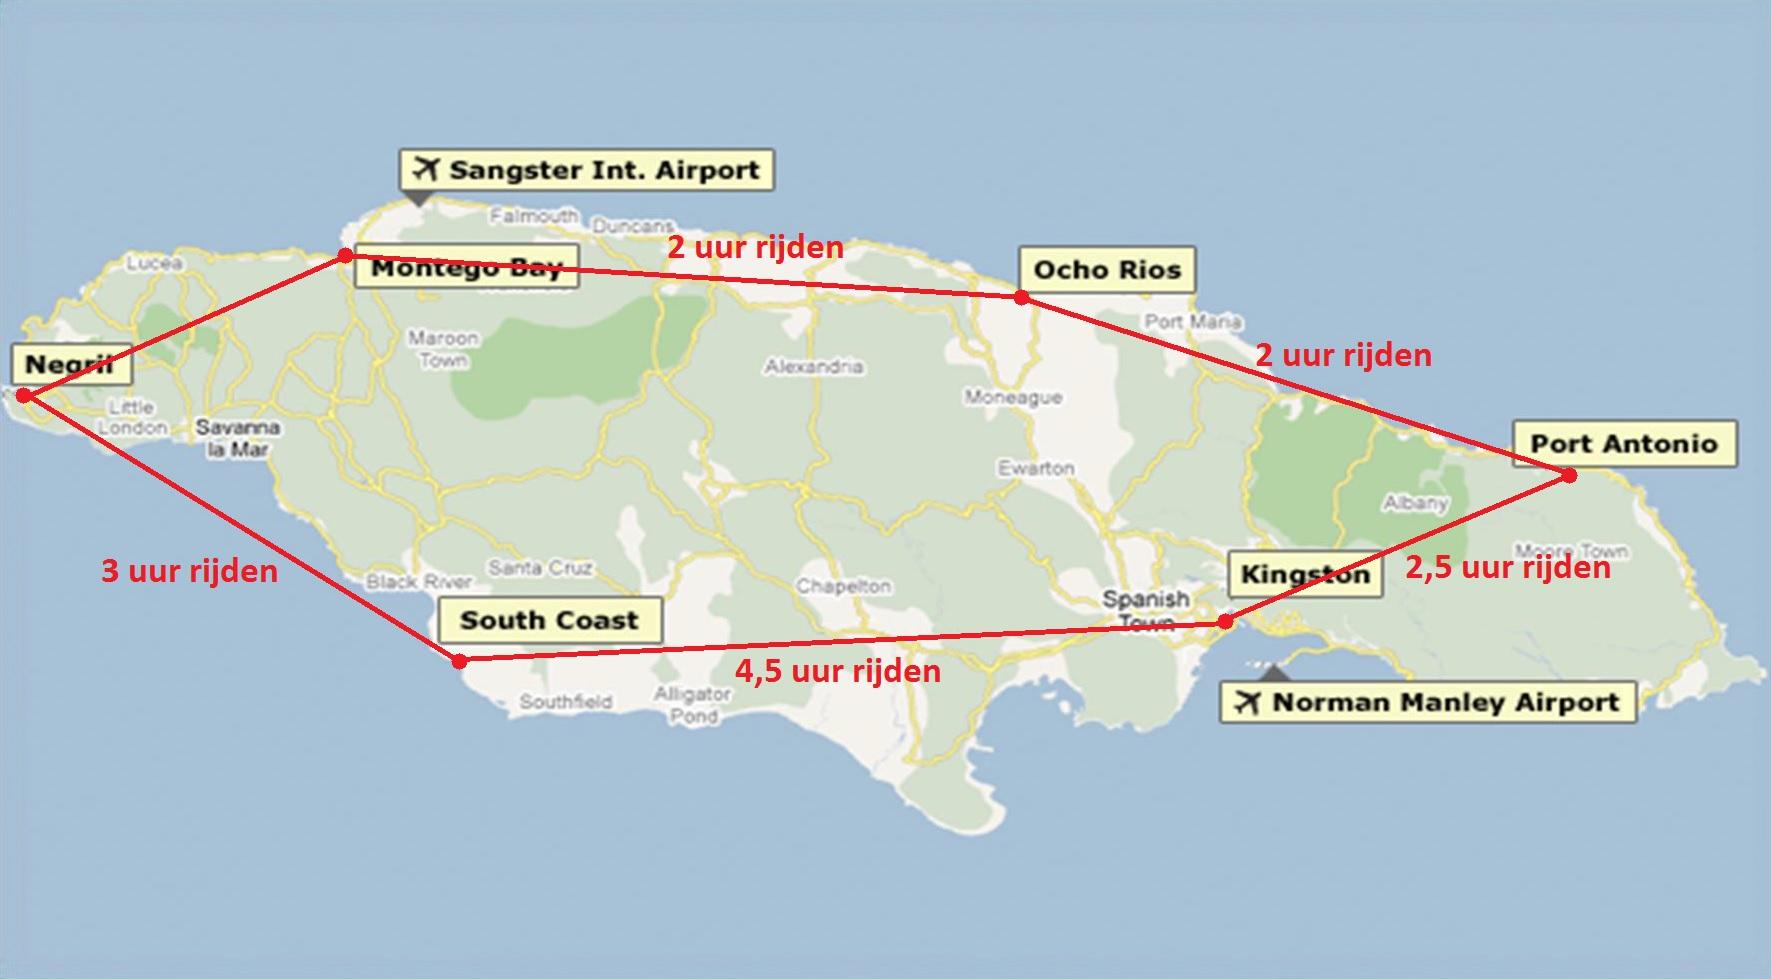 Route Jamaica